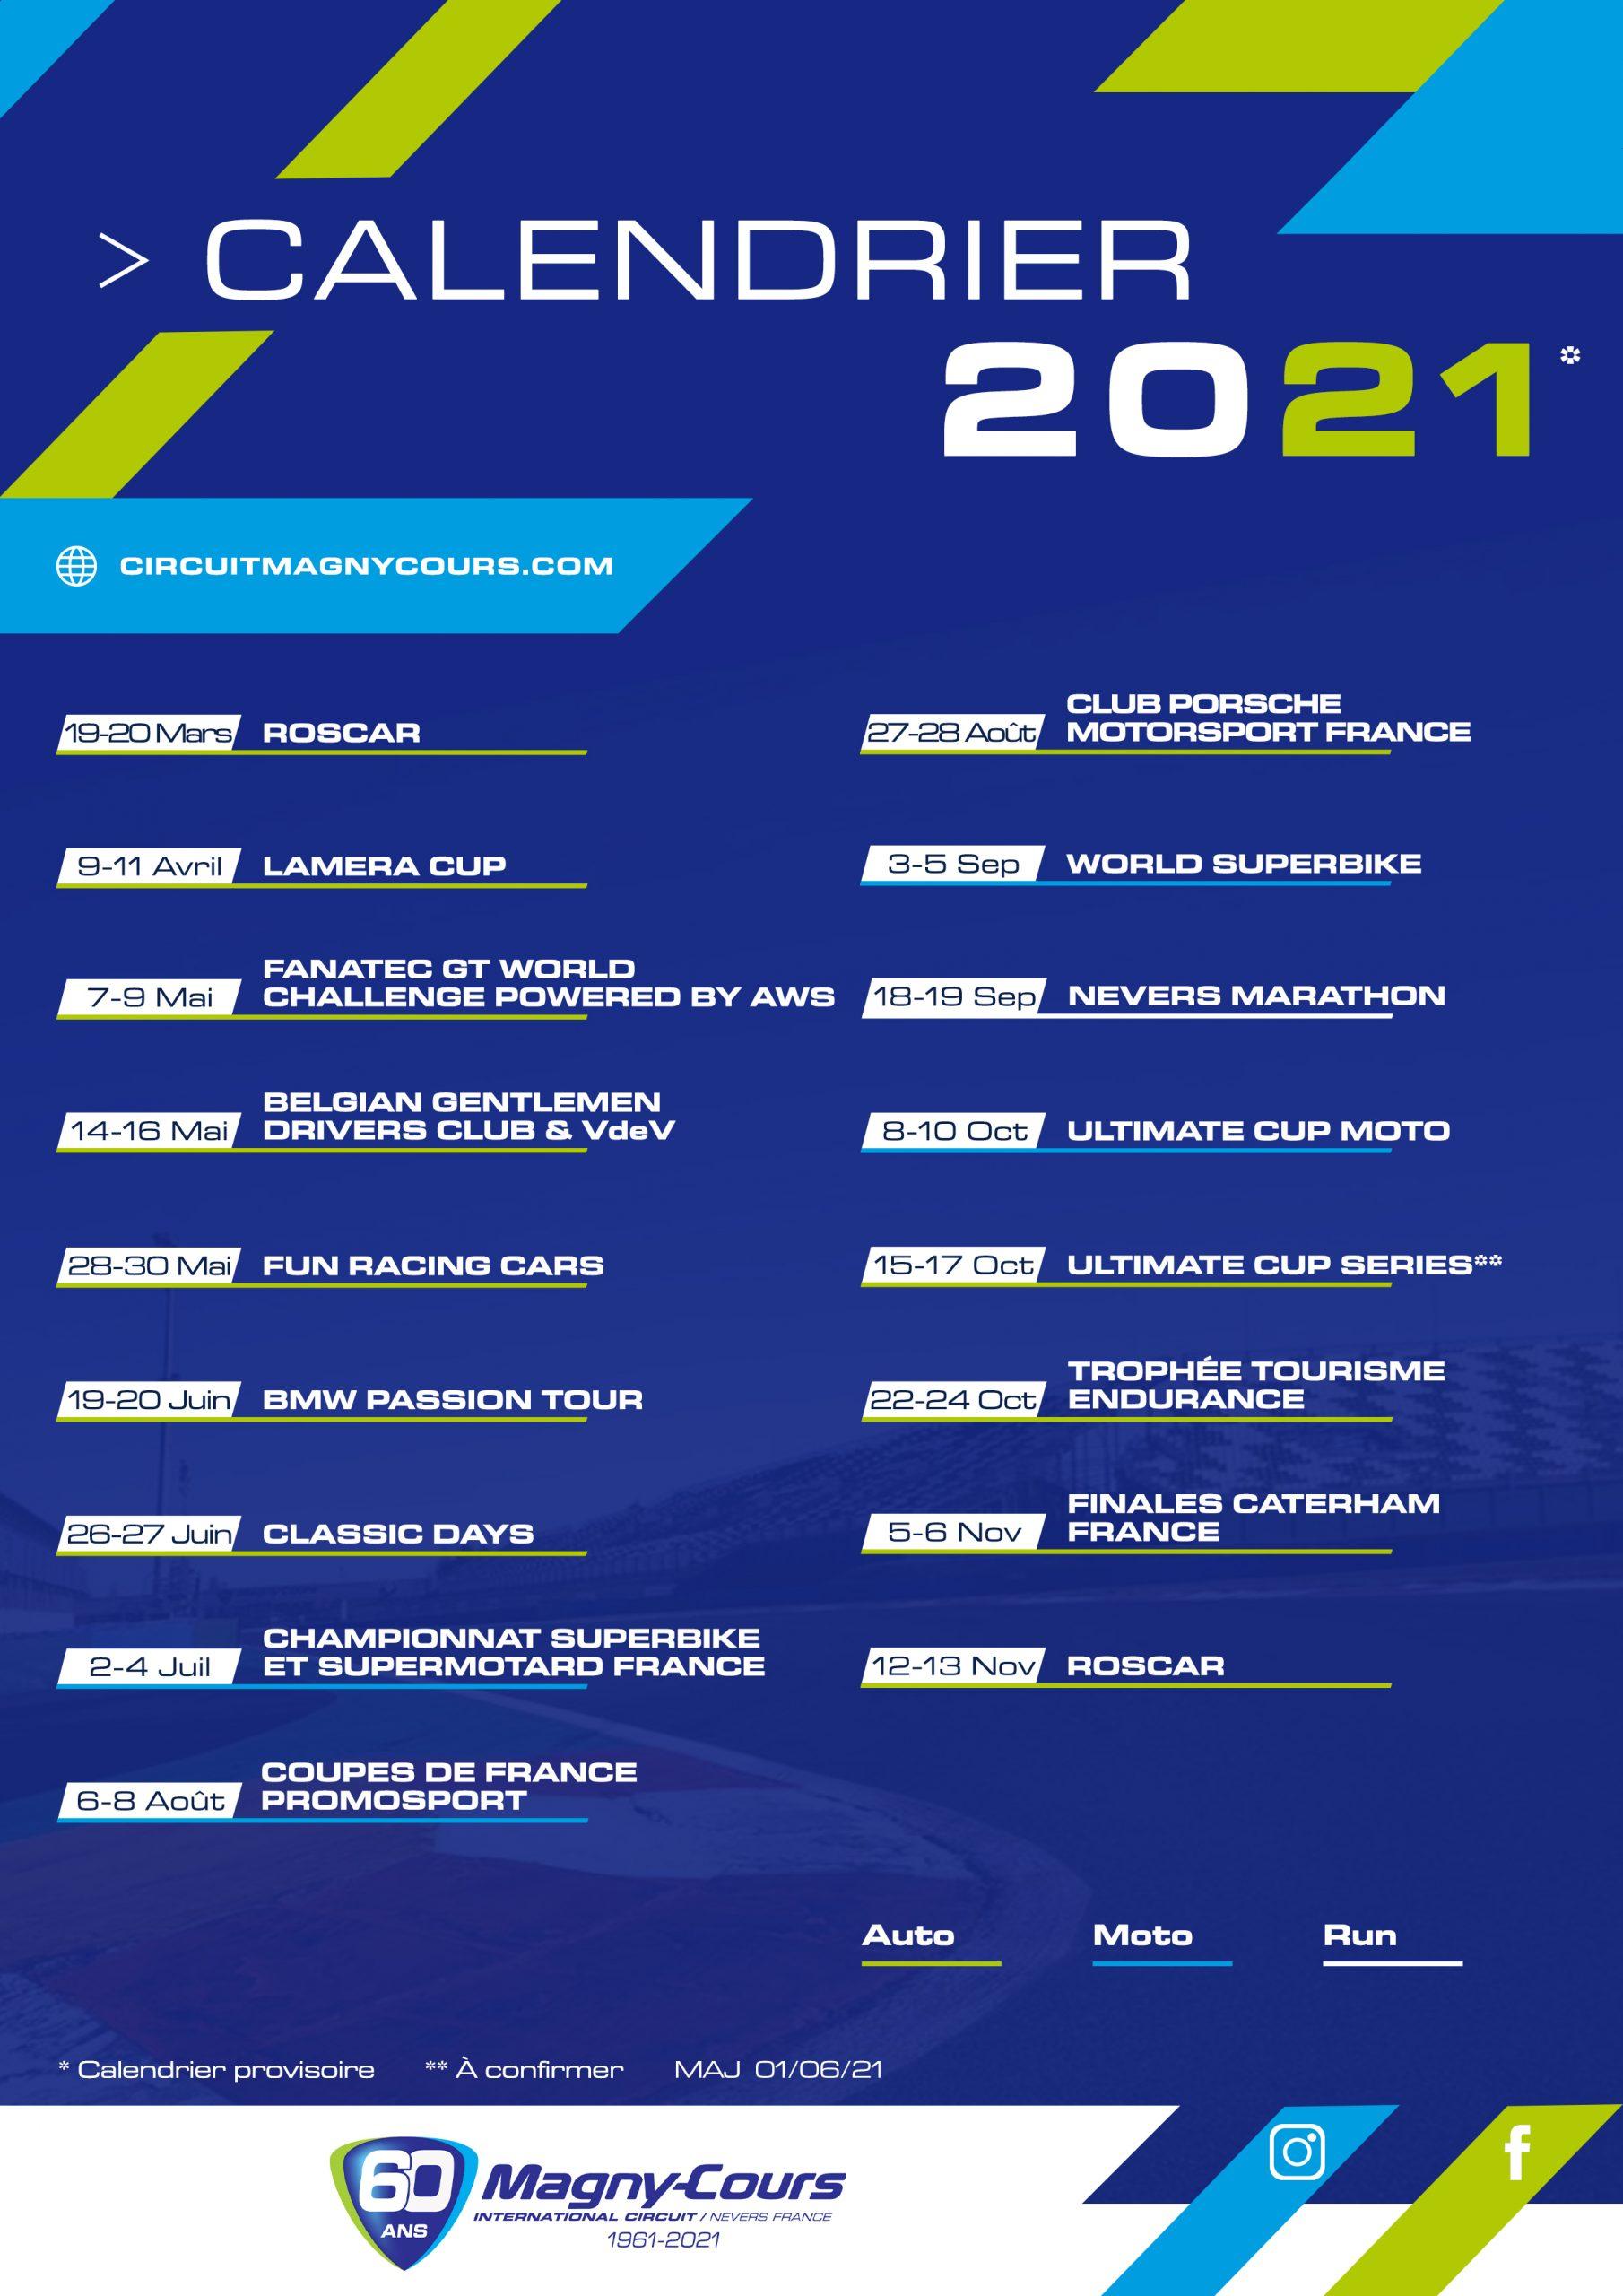 Calendrier Magny Cours 2022 Calendrier des événements   Circuit de Magny Cours